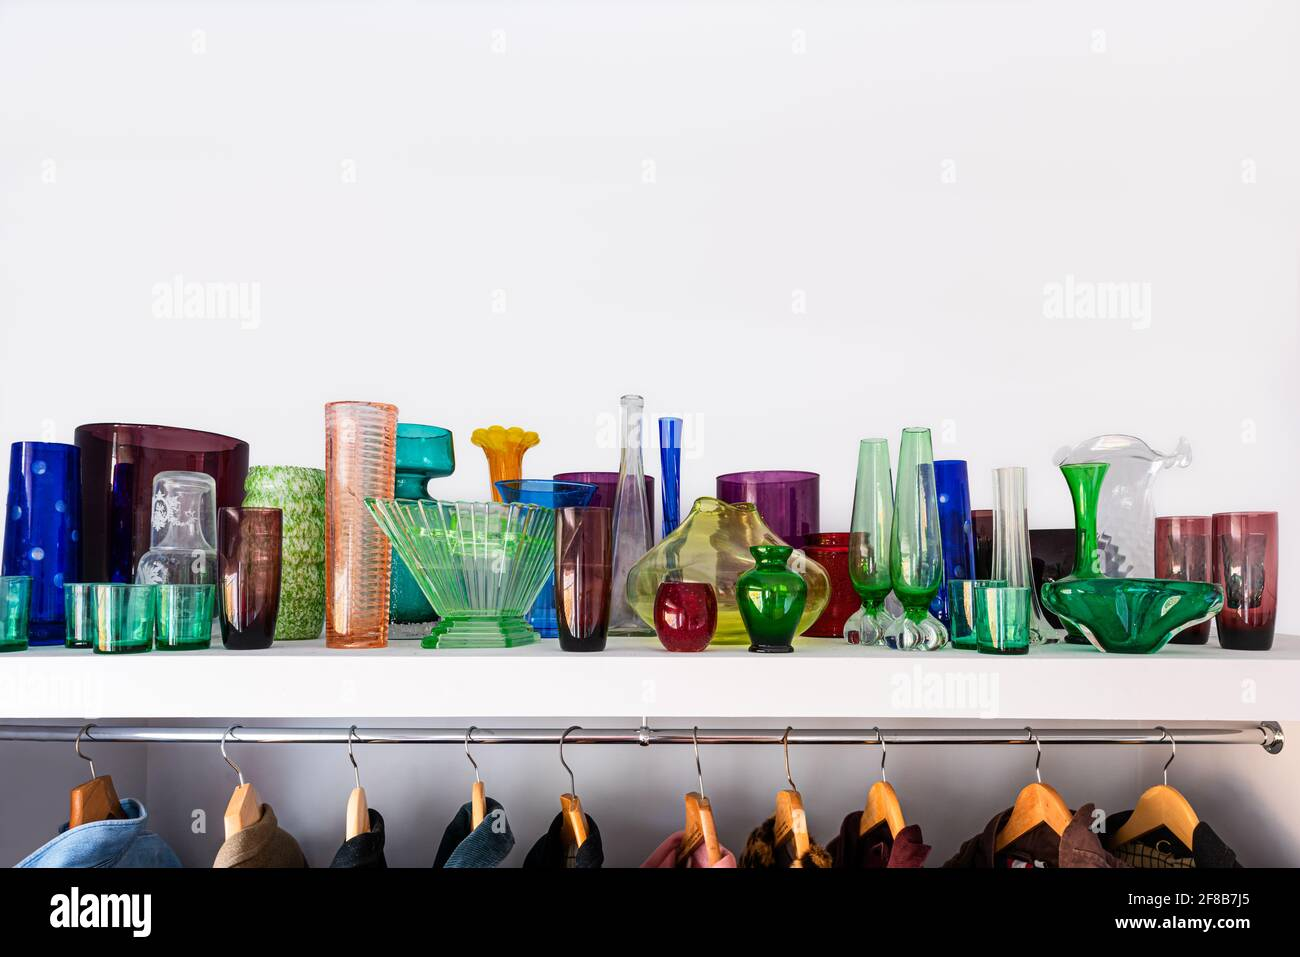 Die Glassammlung schafft eine juwelenartige Ausstellung. Stockfoto